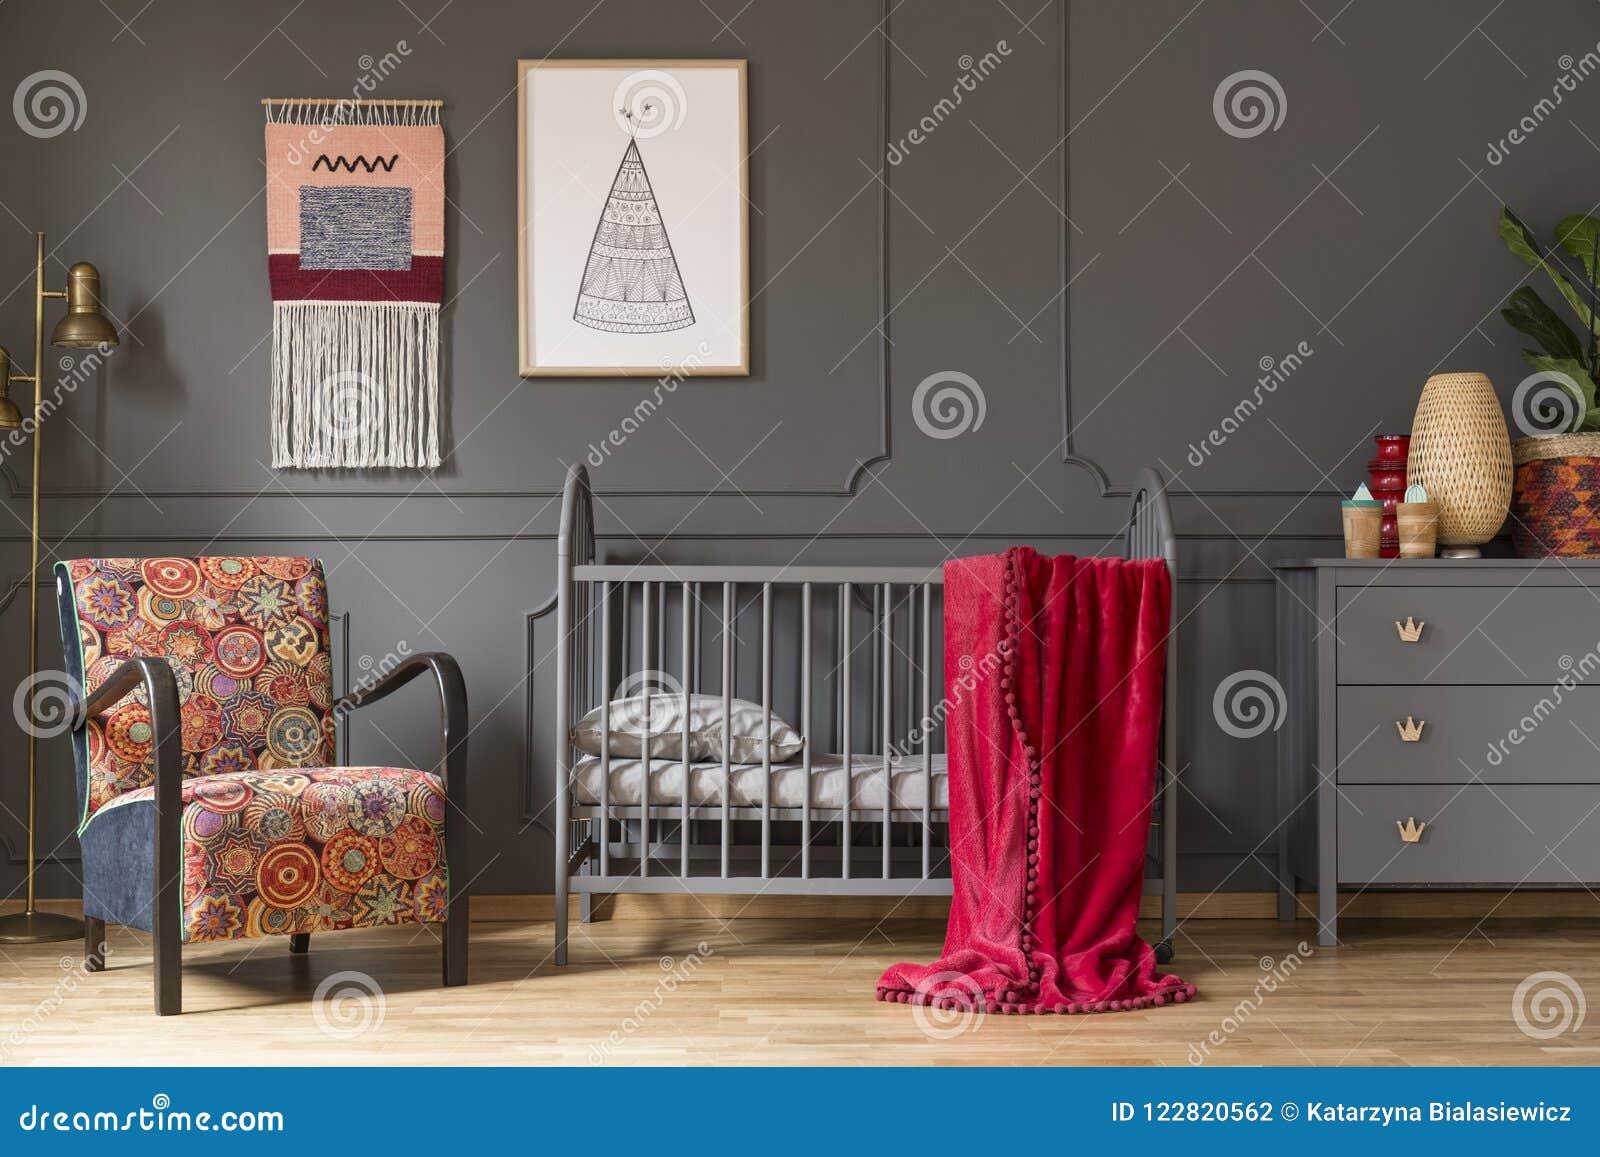 Foto real de un pesebre del bebé con una manta roja, una butaca, lámpara